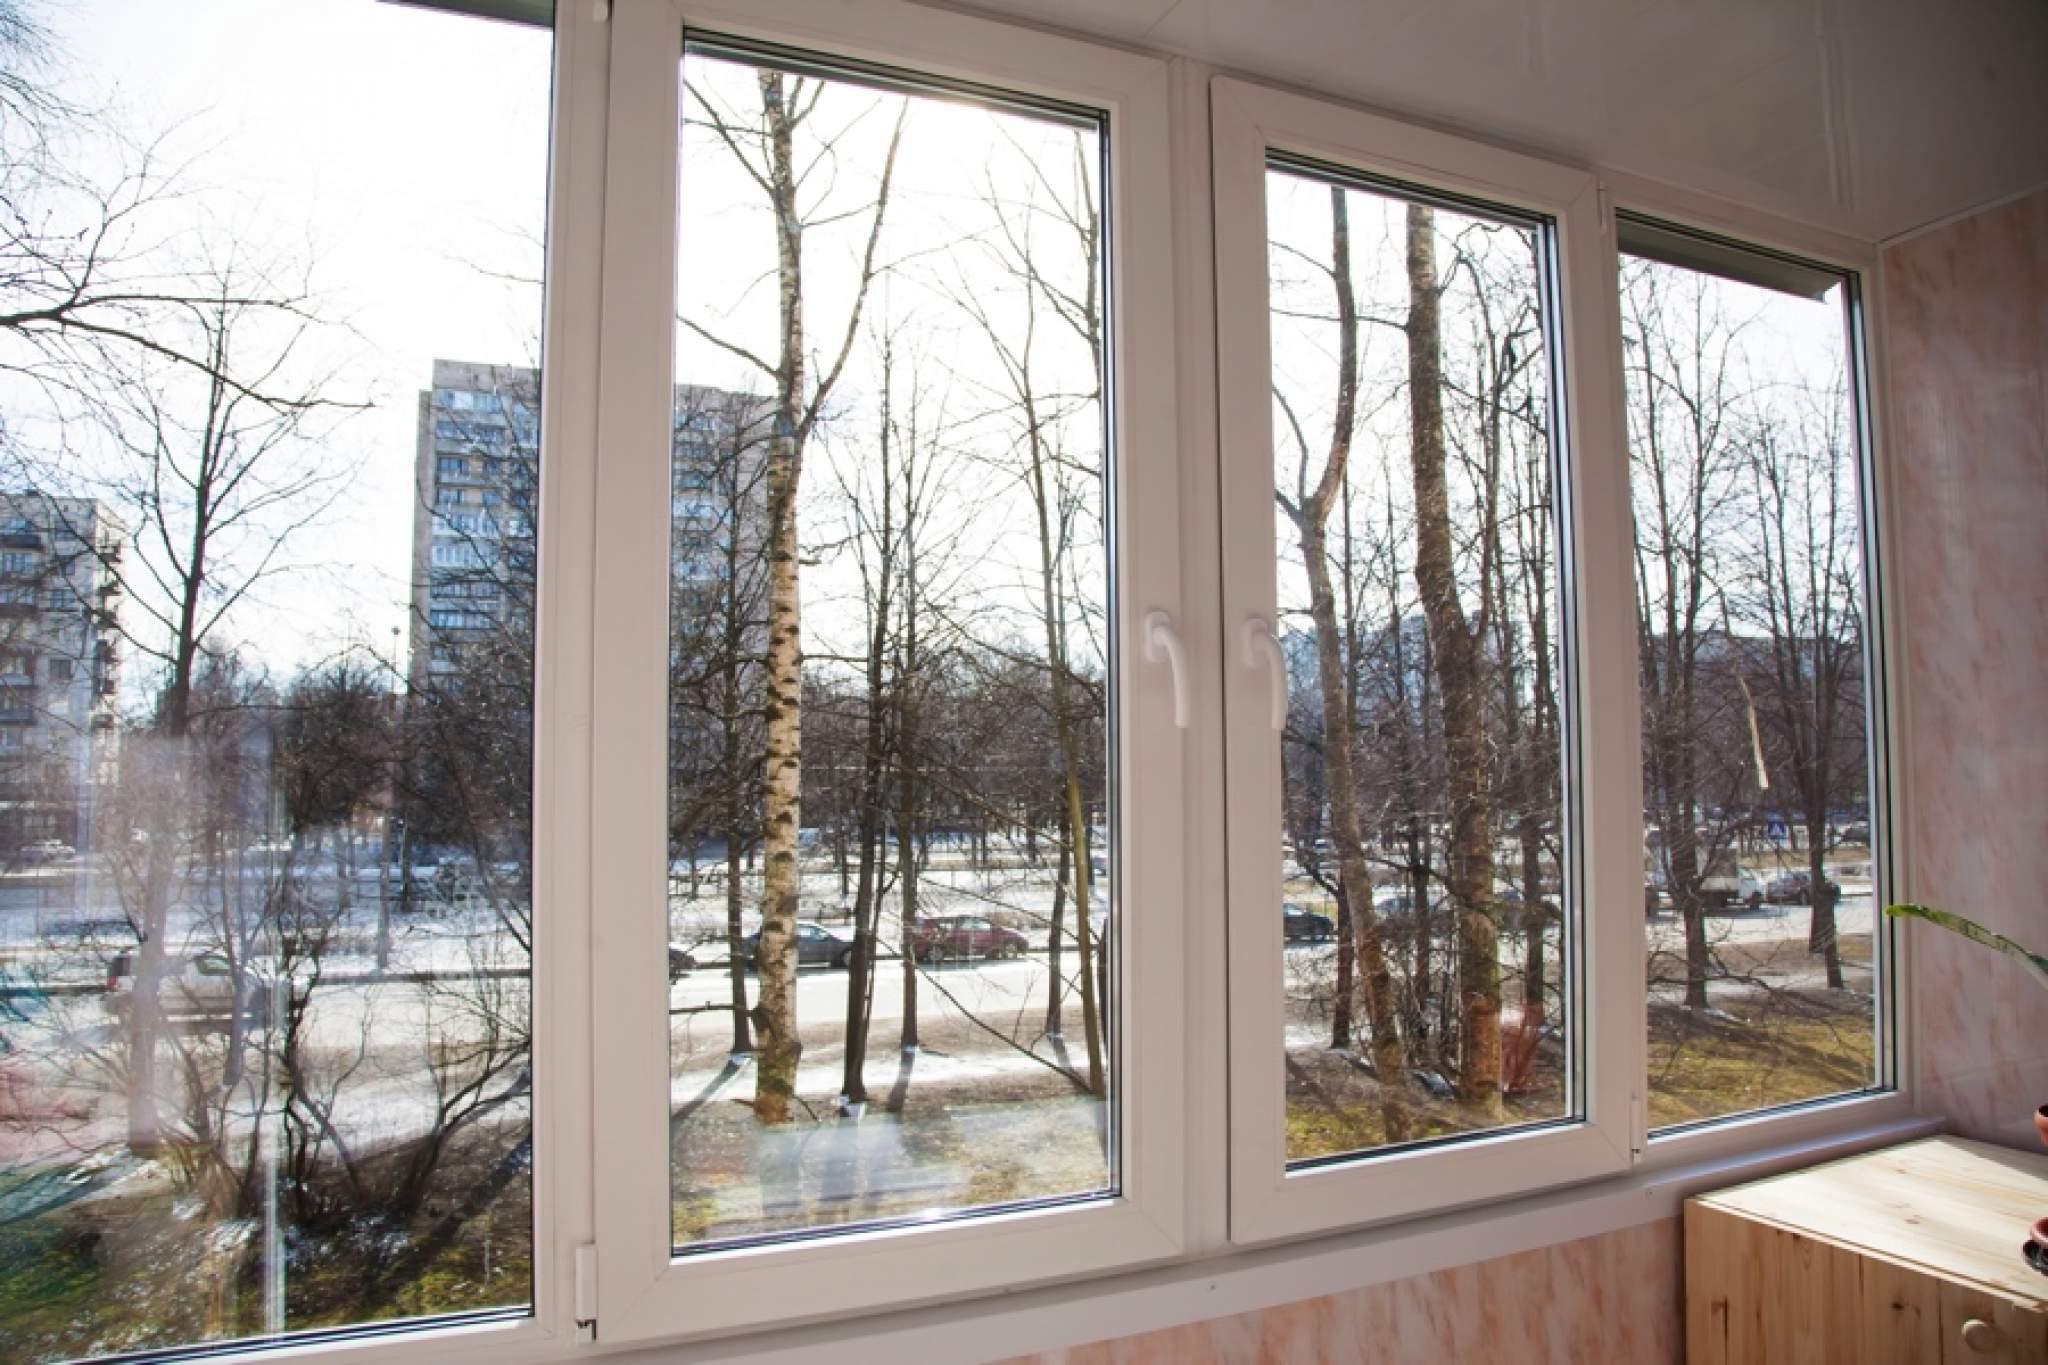 Балкон отделка вагонка пвх панели окна рамы низкие цены осте.